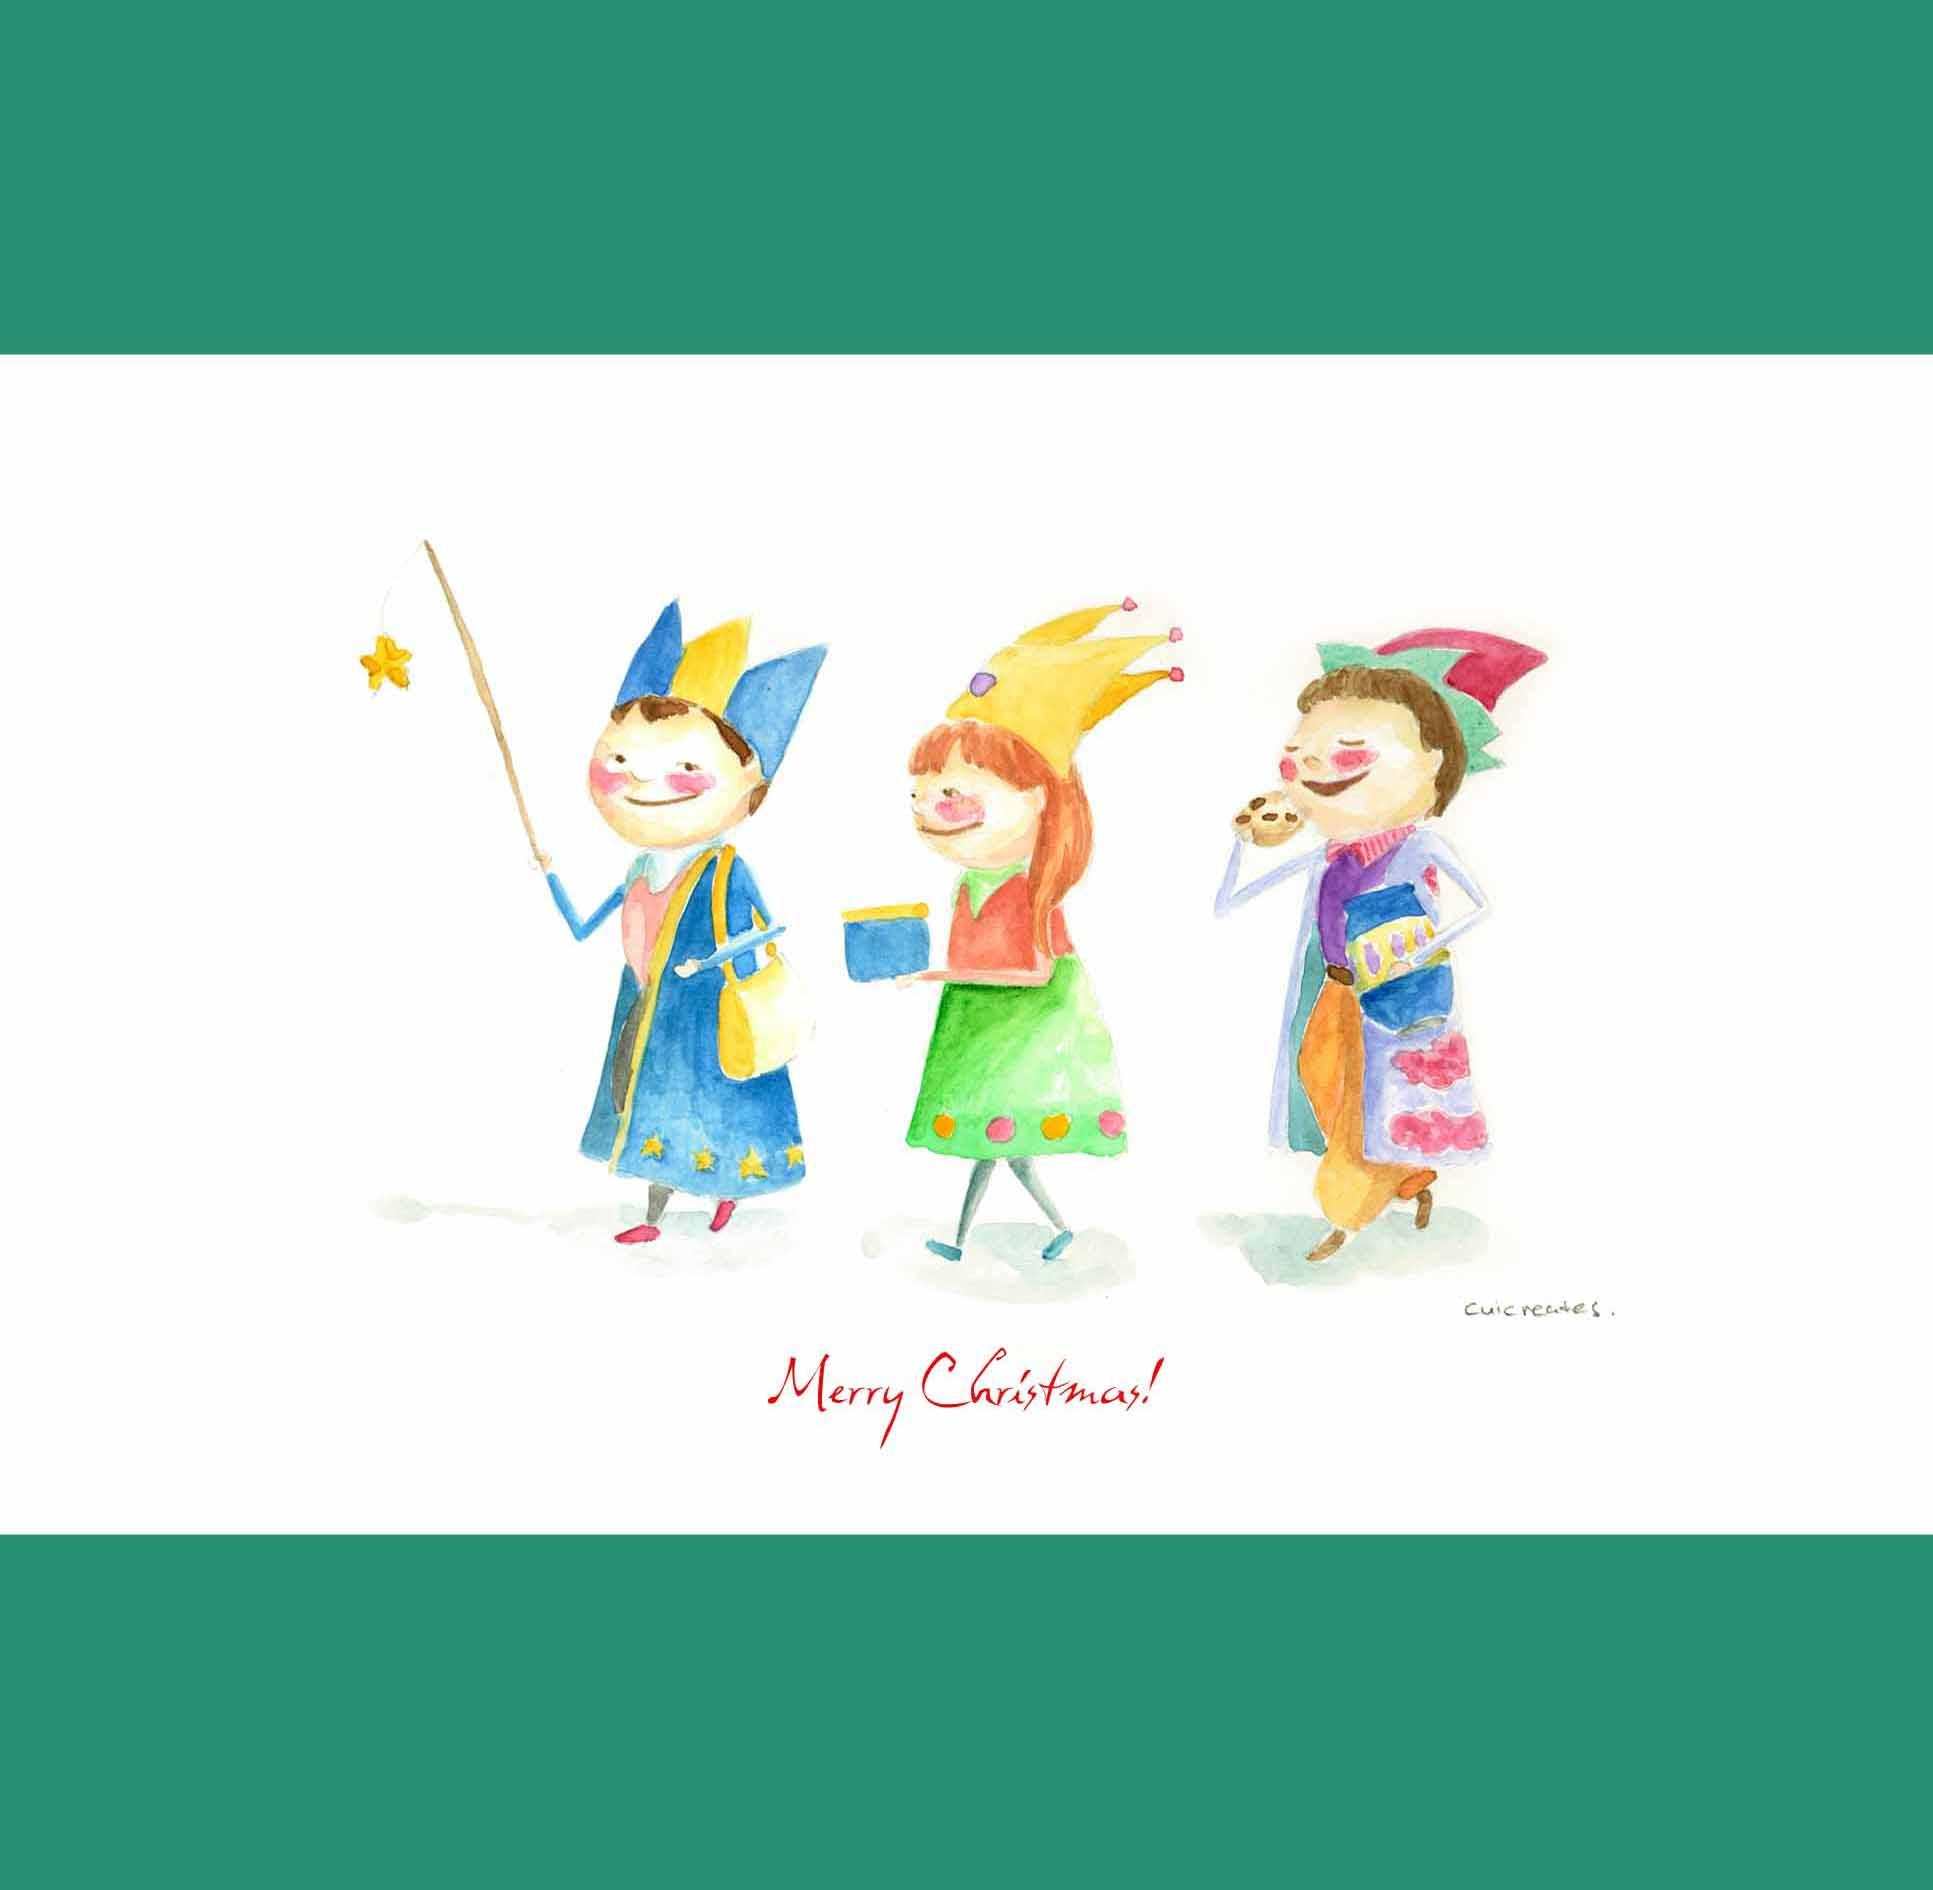 Christmas card3_LR